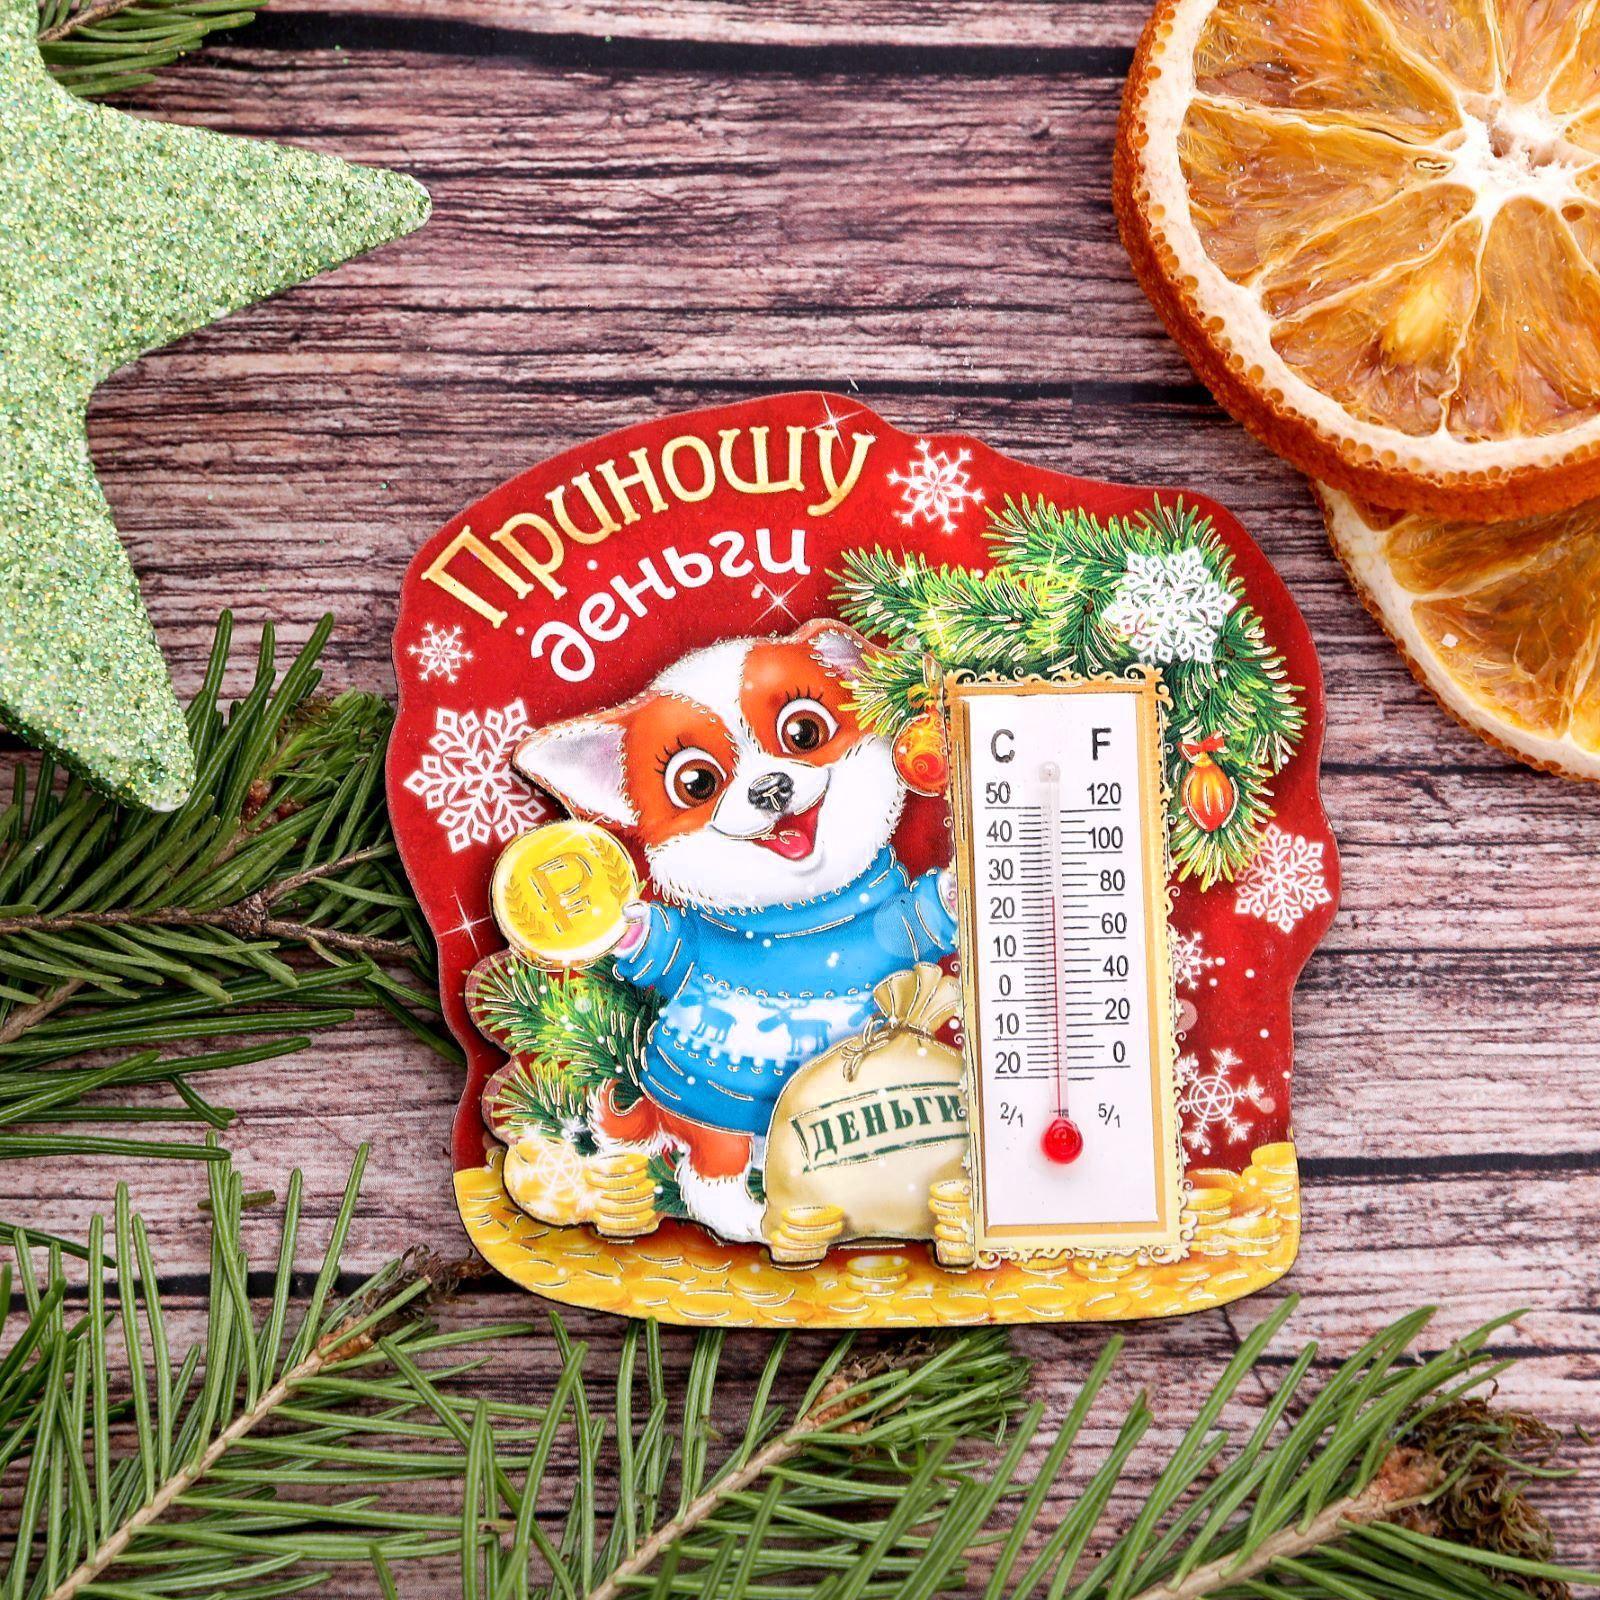 Магнит Sima-land Приношу деньги, с термометром, 6,9 х 6,5 см1982799Порадуйте родных и близких оригинальным сувениром: преподнесите в подарок магнит. С ним даже самый серьёзный человек почувствует себя ребёнком, ожидающим чудо! Создайте праздничное настроение, и оно останется с вами на весь год.